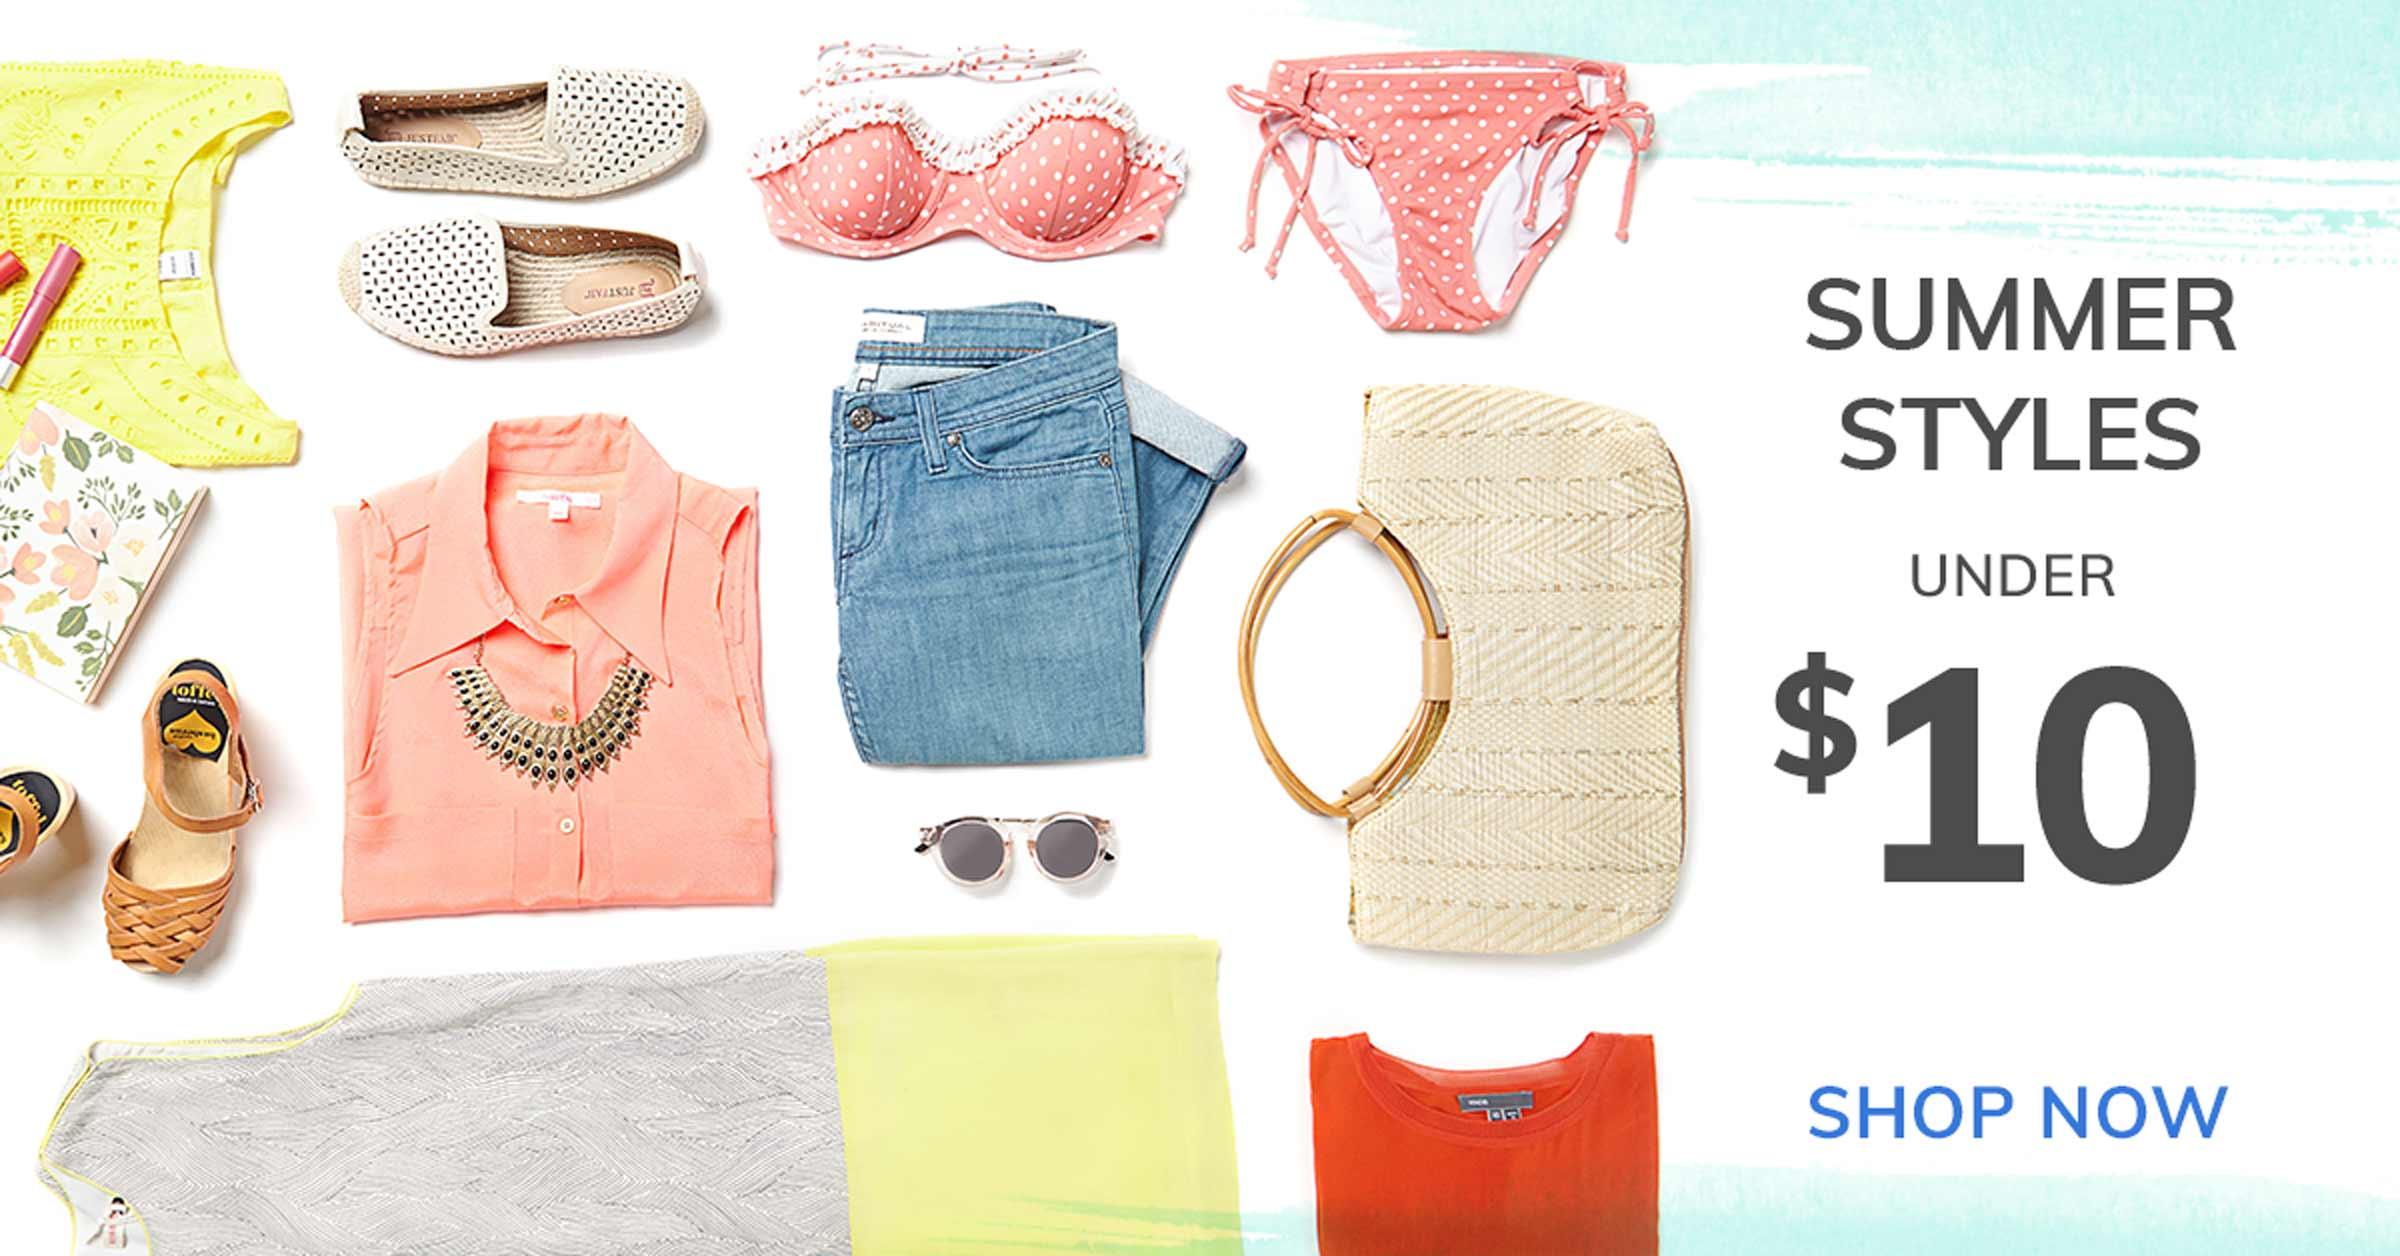 SUMMER STYLES UNDER $10